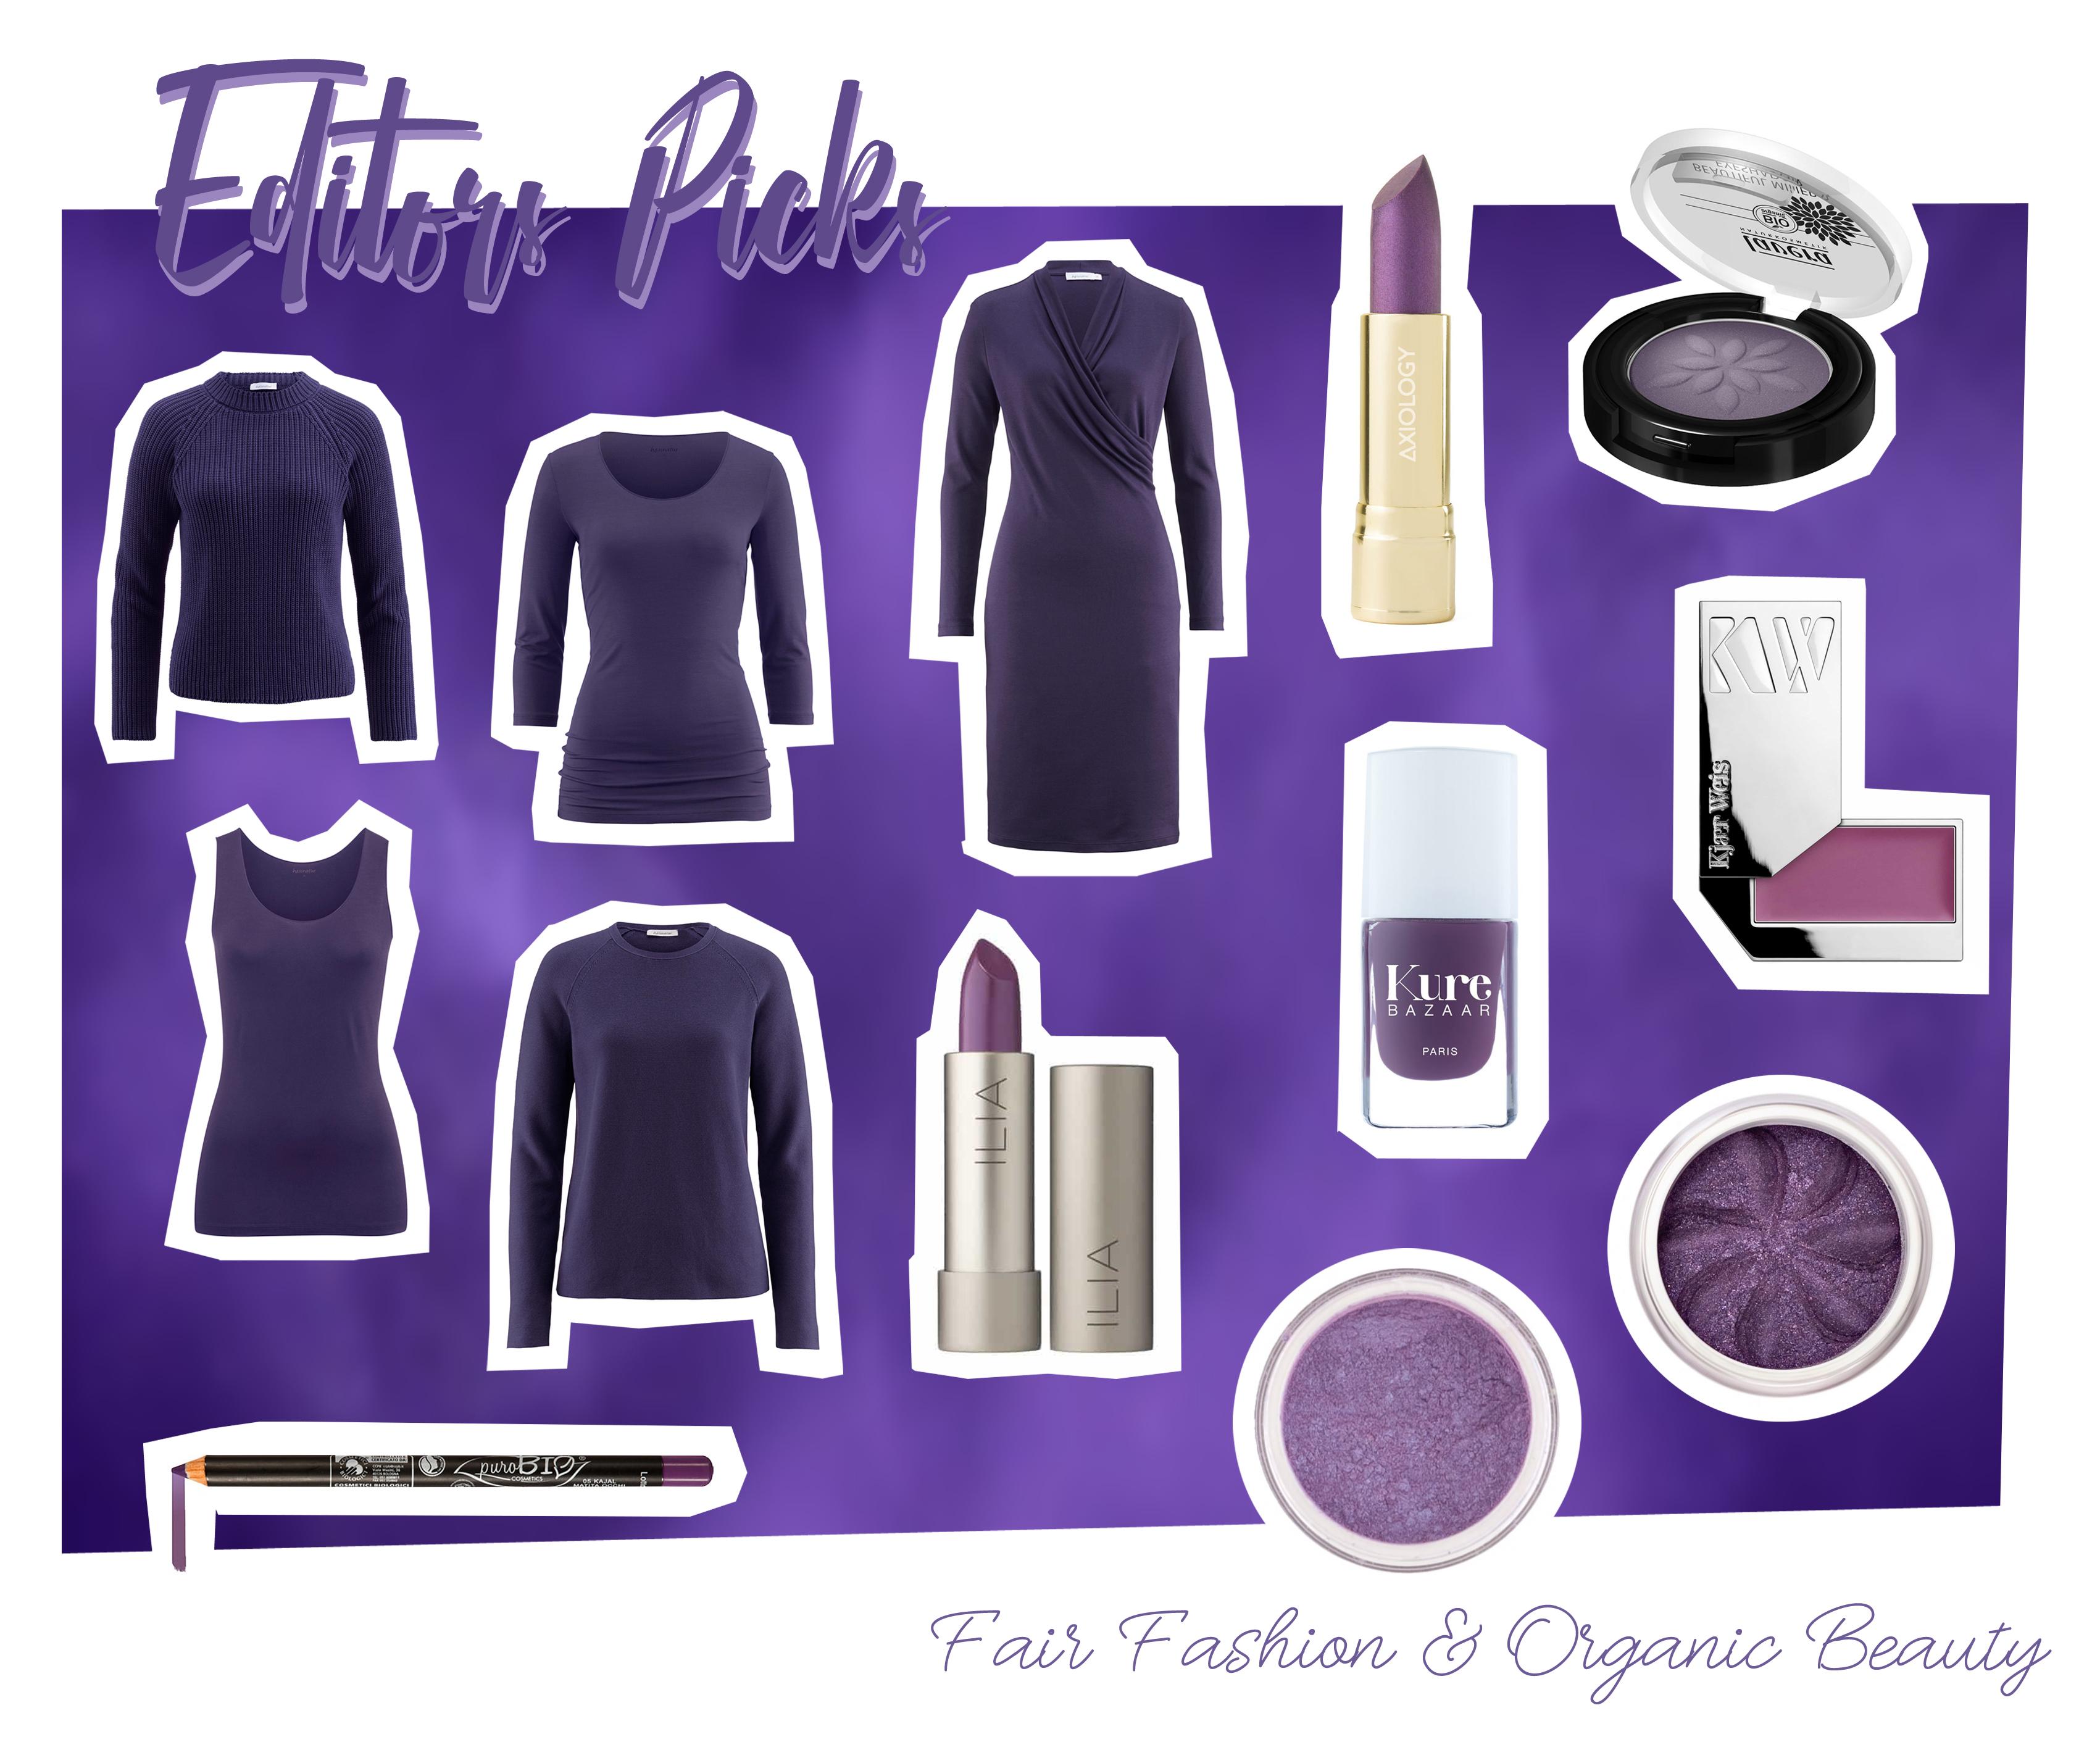 pantone-ultra-violet-nachhaltige-mode-eco-fair-fashion-naturkosmetik